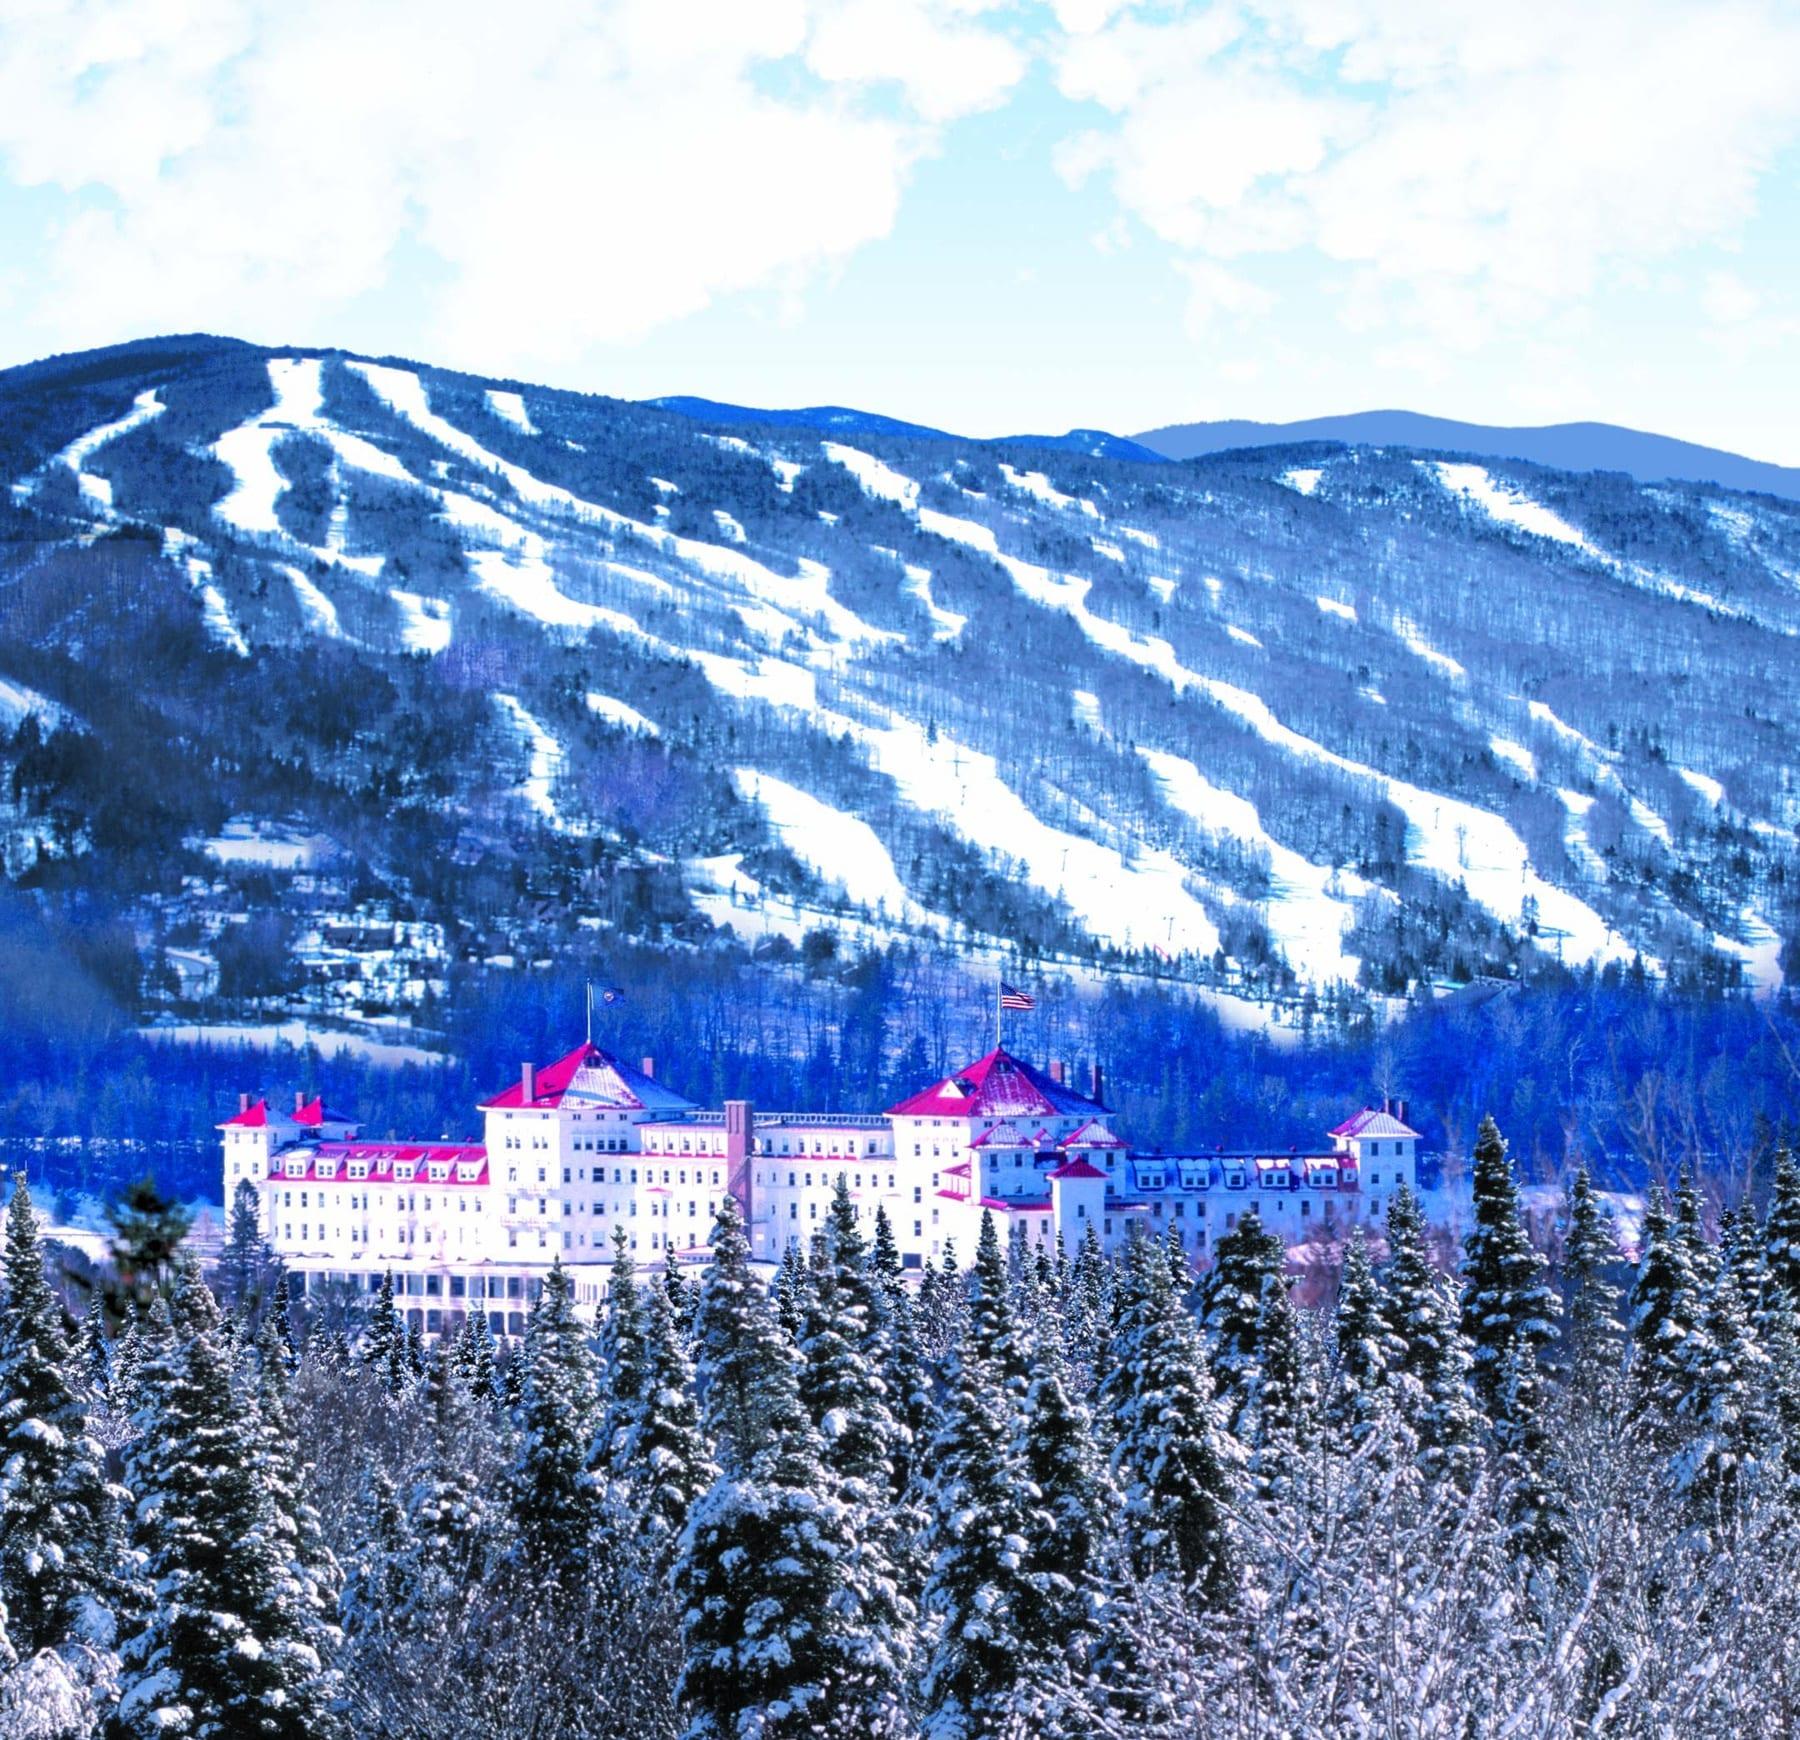 Omni White Mountain Hotel